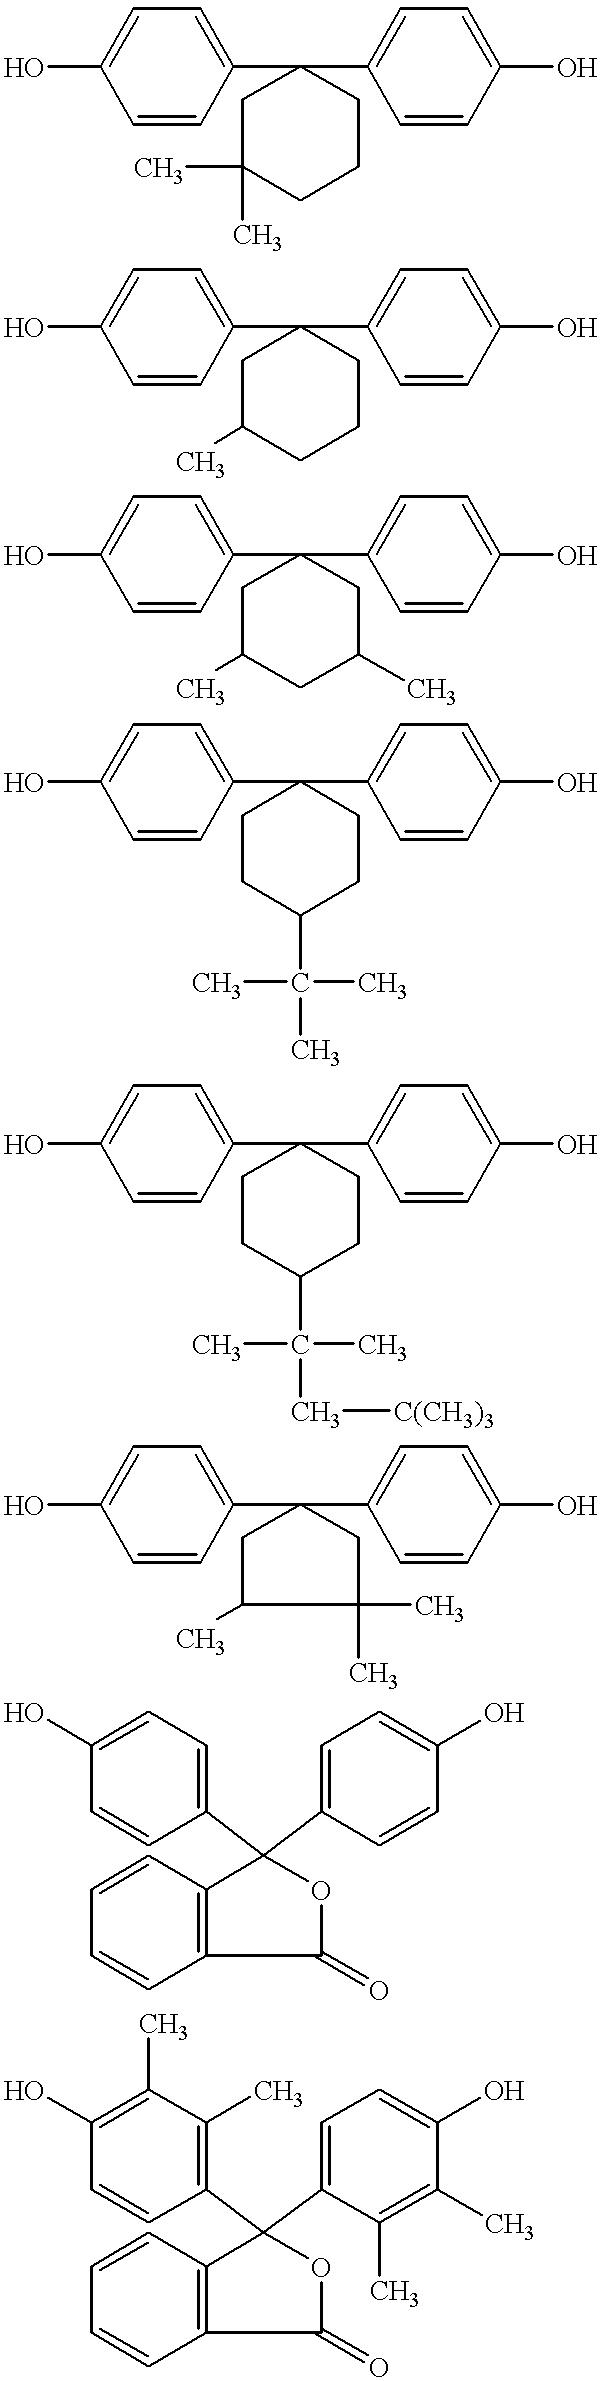 Figure US06348591-20020219-C00027